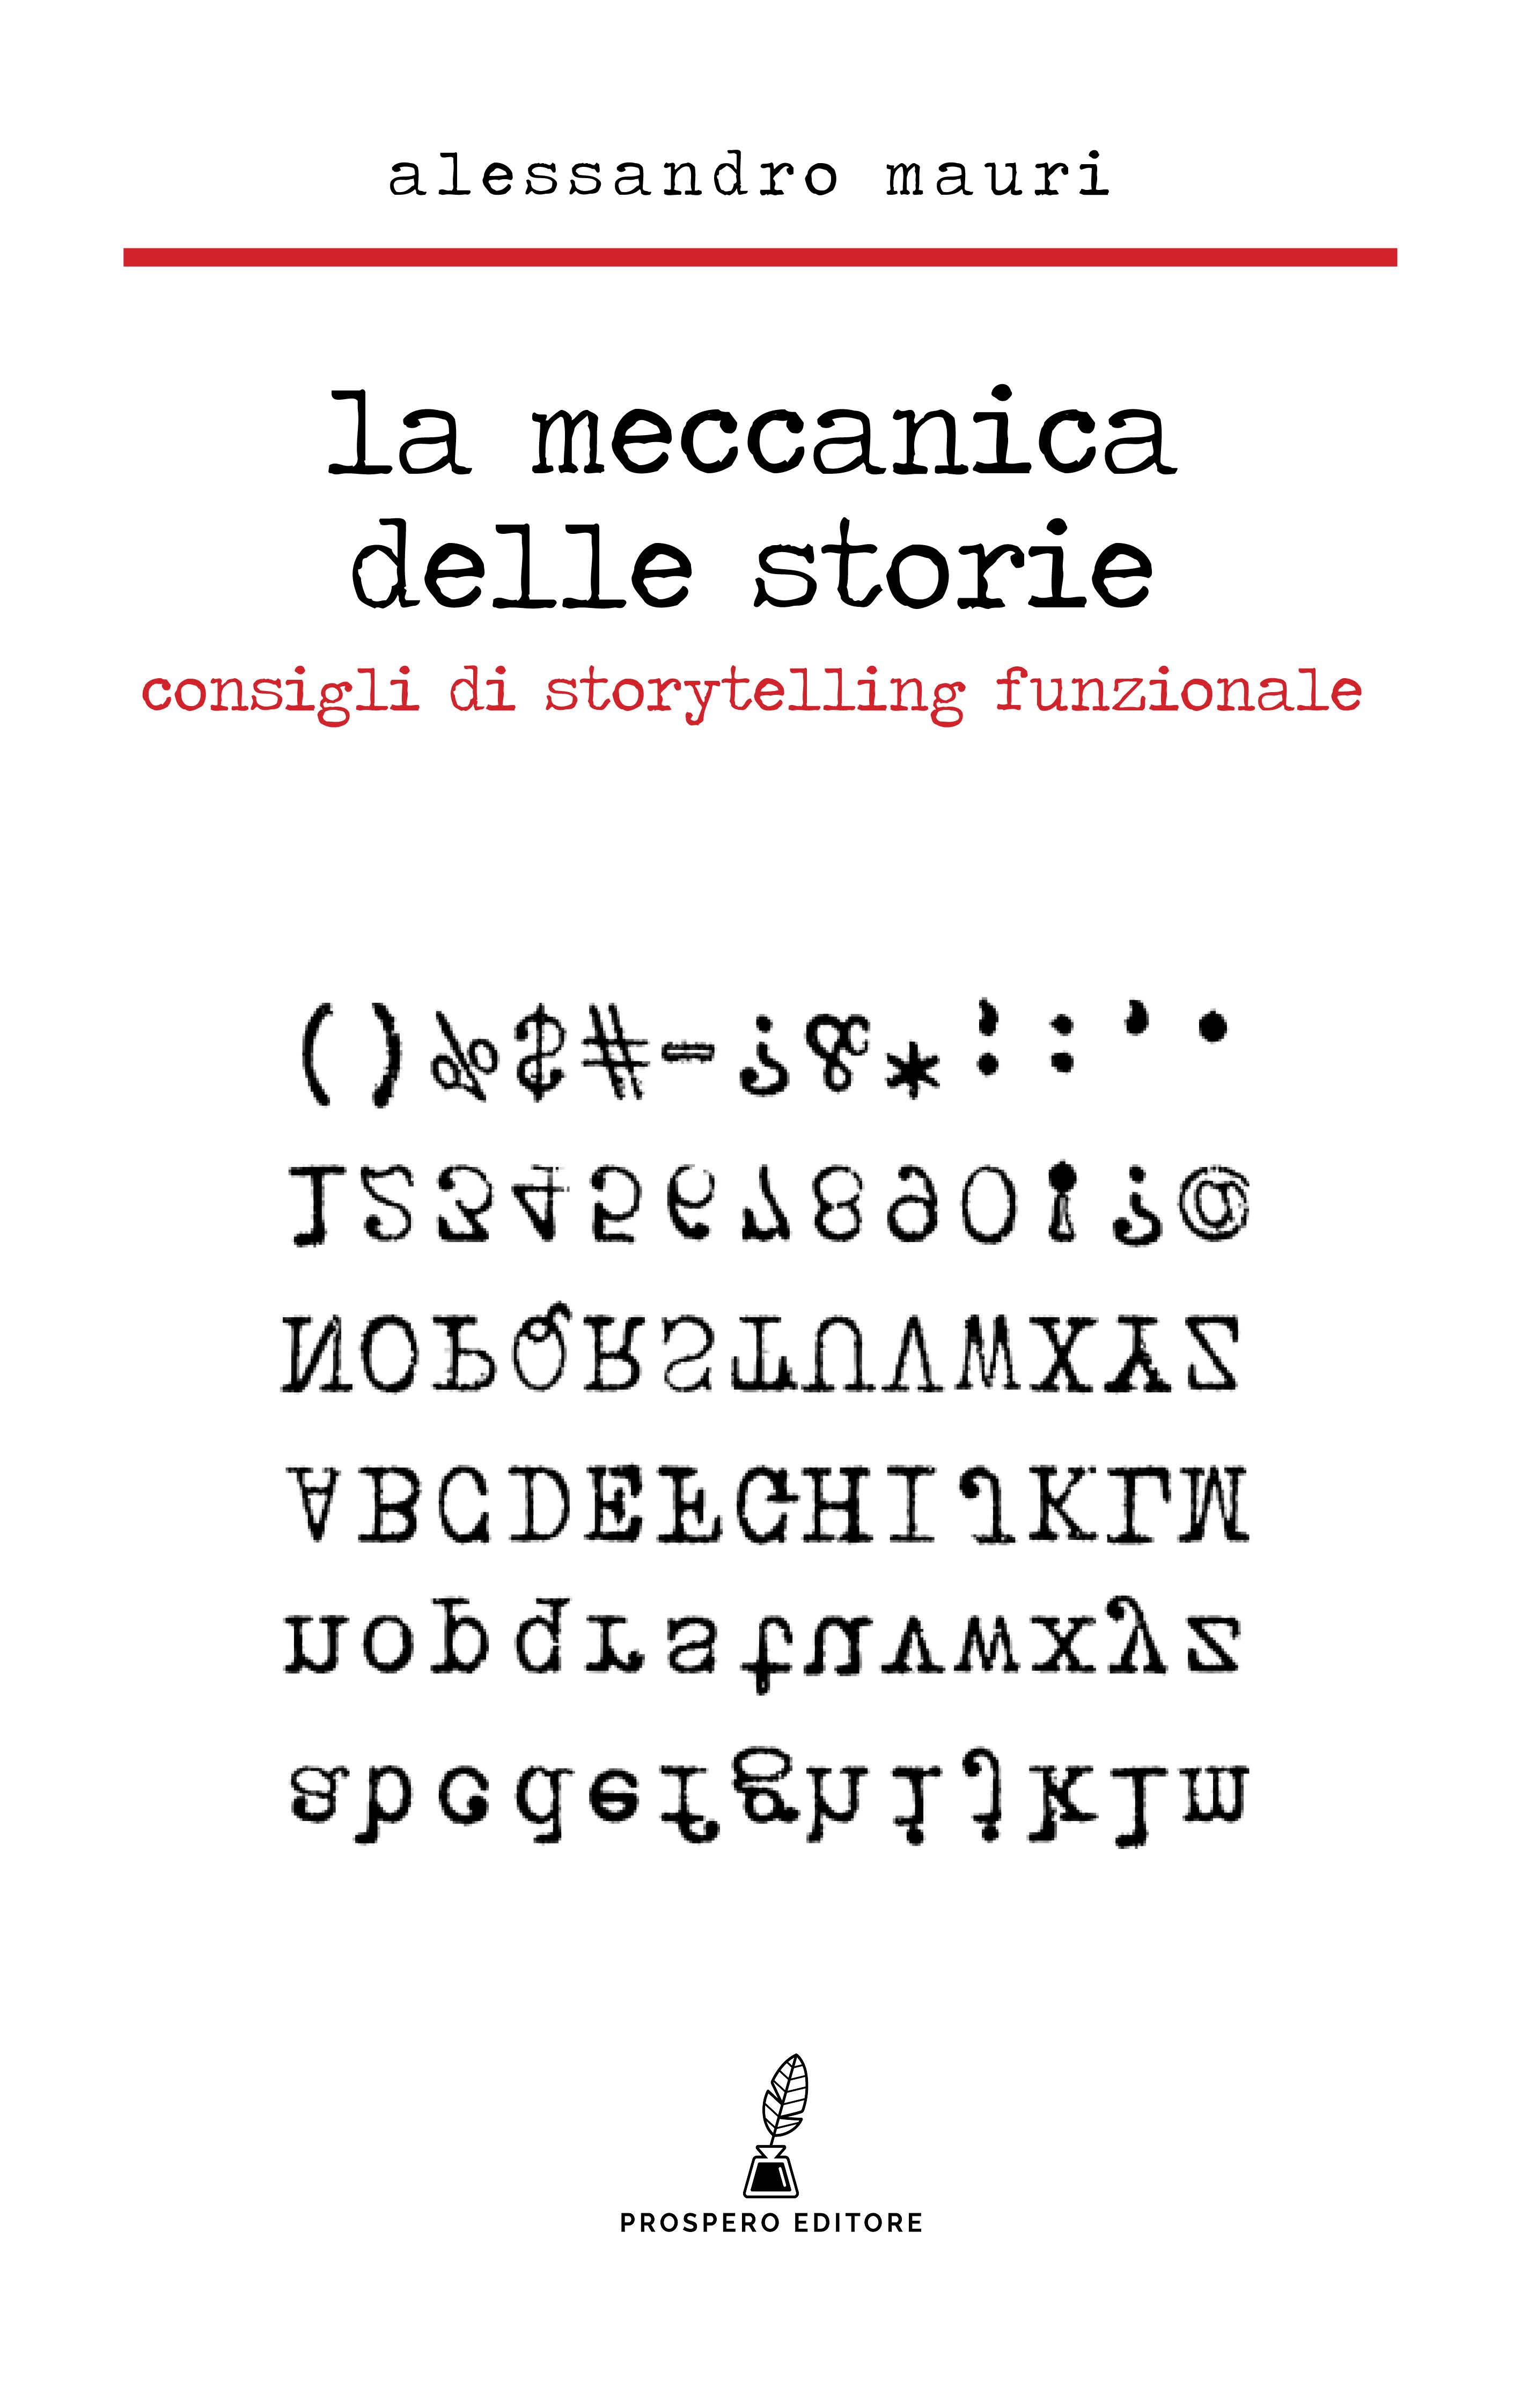 La meccanica delle storie-image-1%>